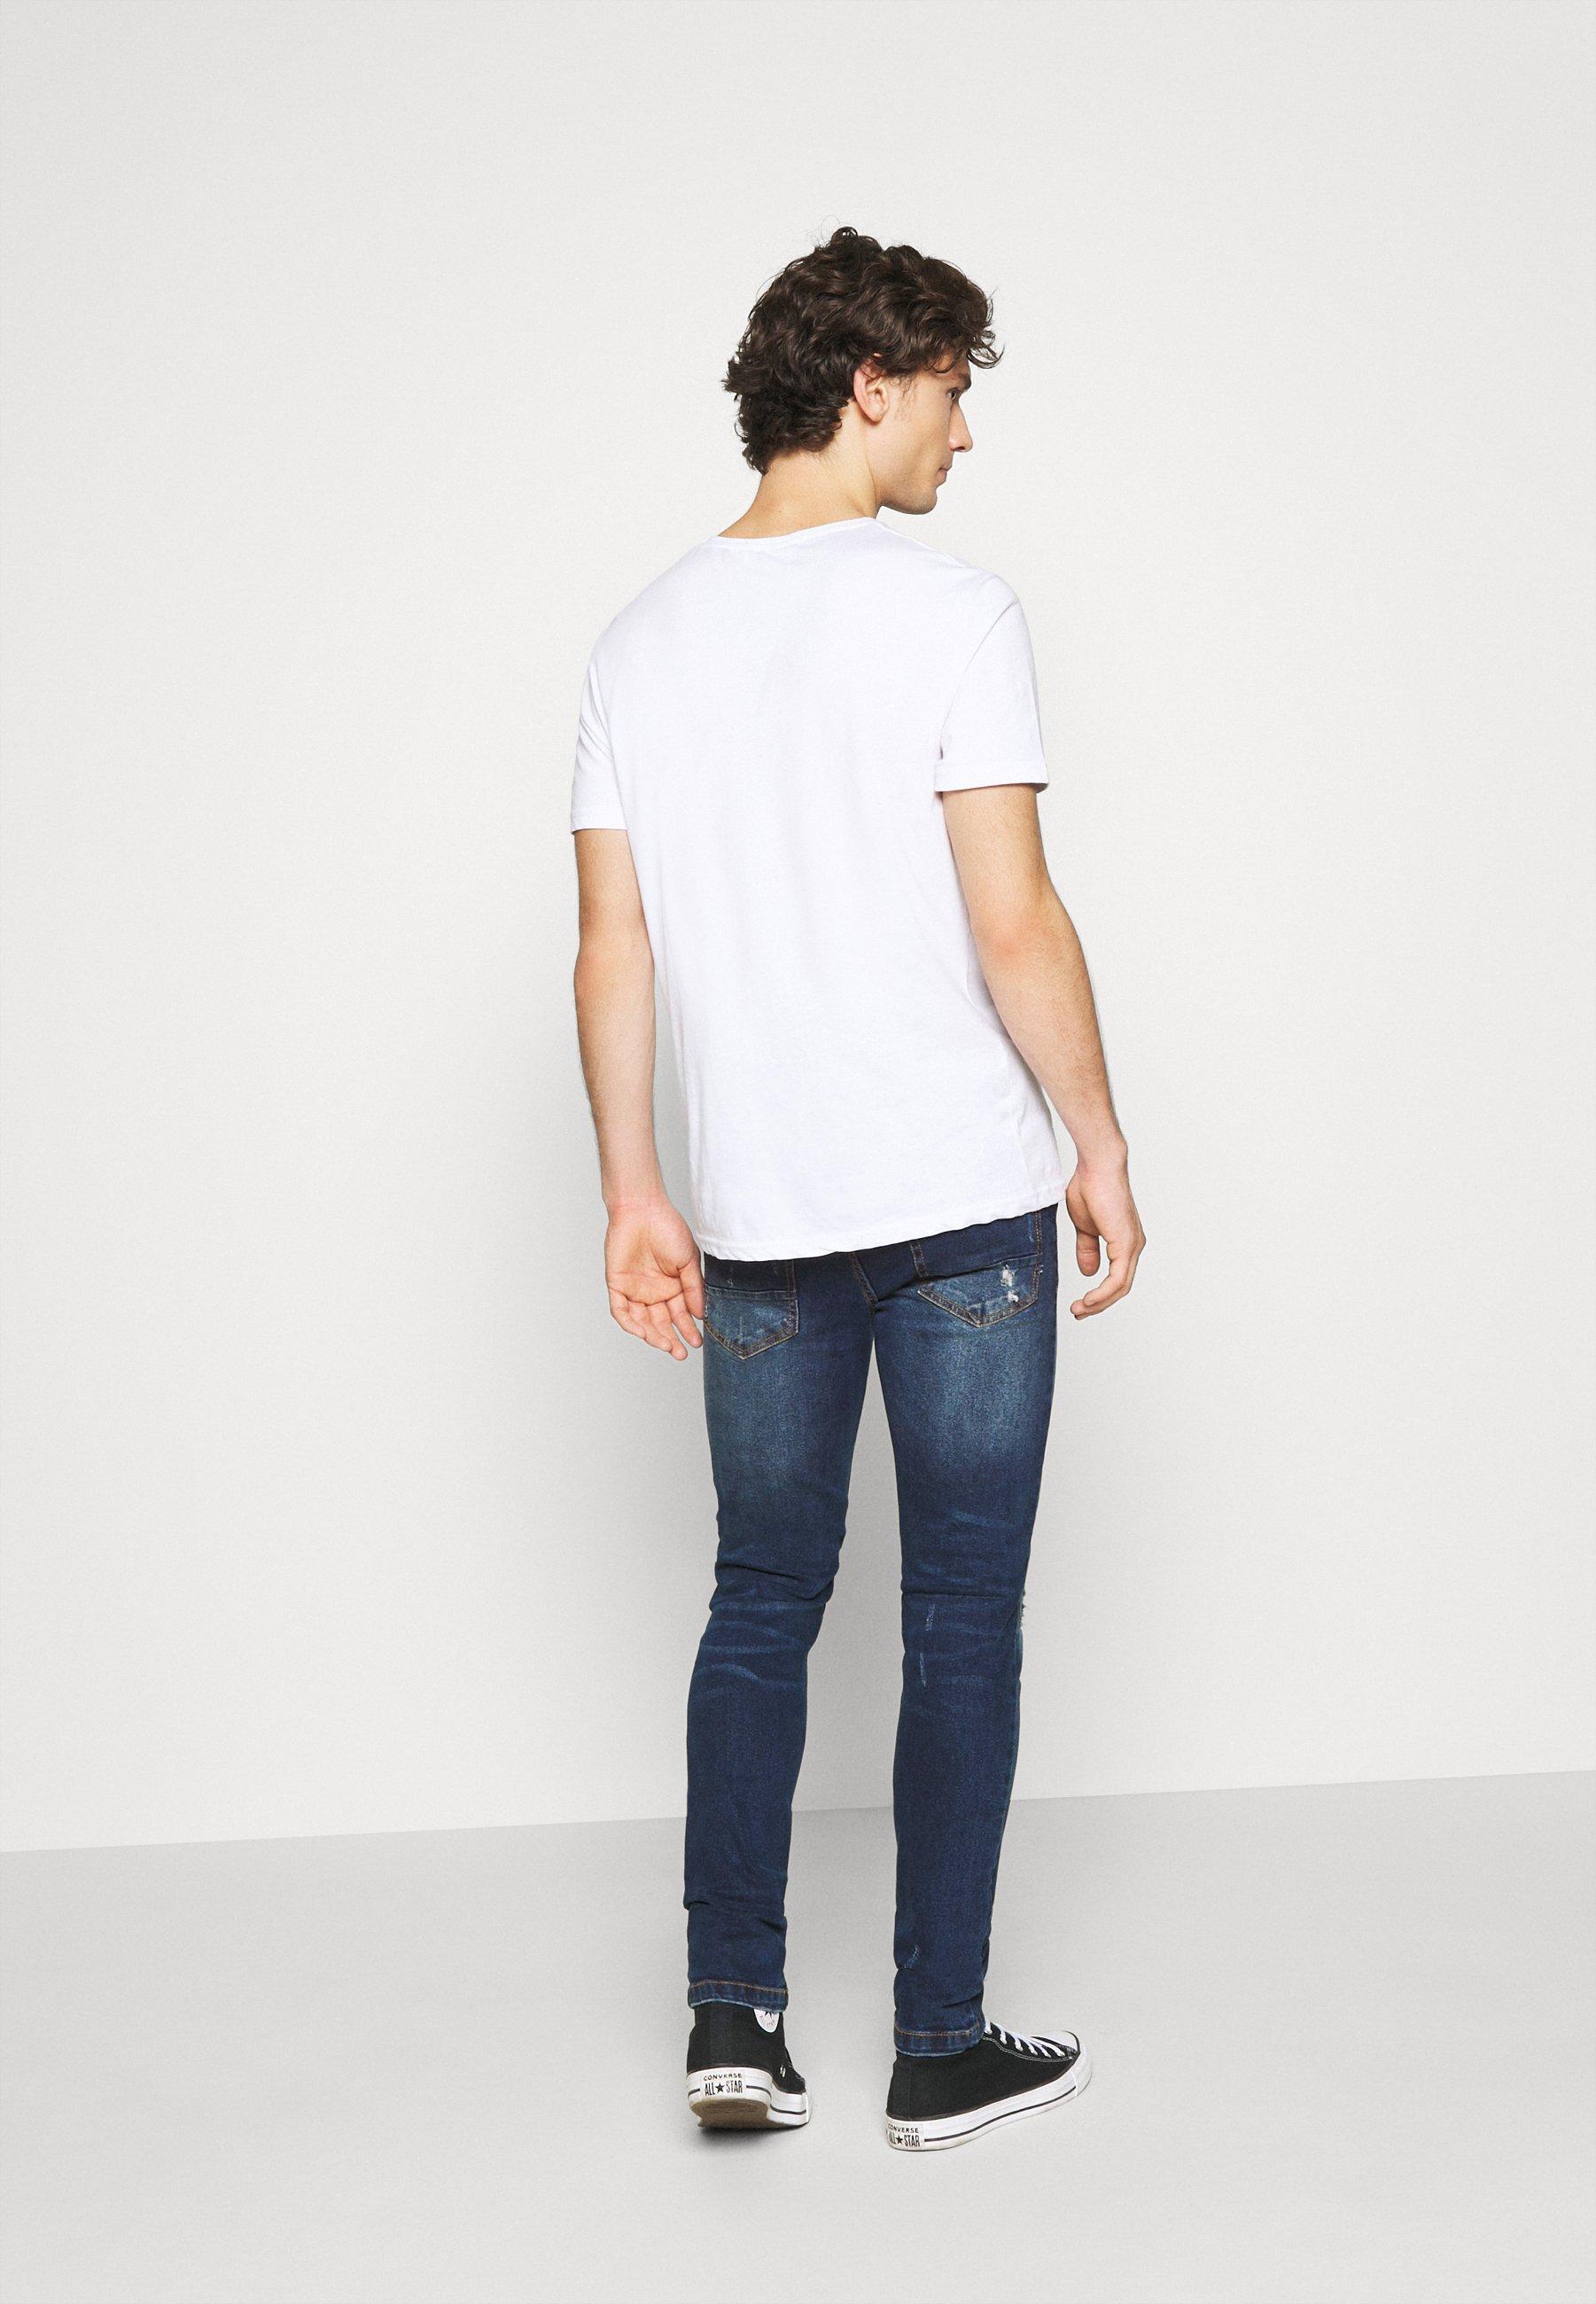 Denim Project Mr Red - Jeans Skinny Fit Dark Blue Destroy/blå